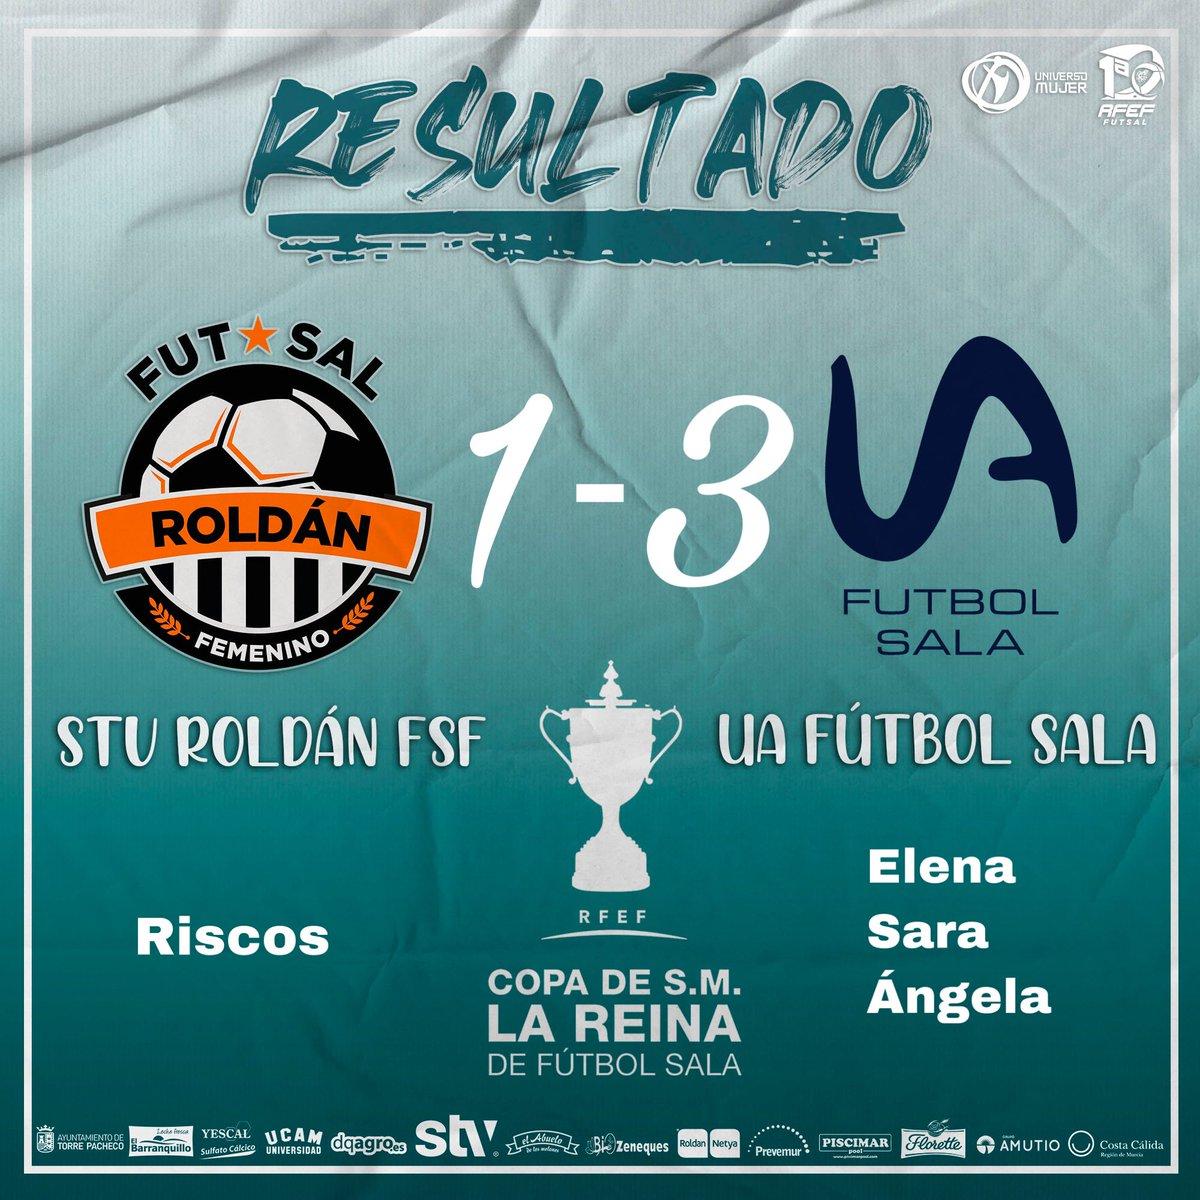 RFEF / Copa de la Reina Futsal  Las goleadoras de @UAfutsafemenino en el partido de 1/8 de final de hoy son @ElenitaGM7, @28sara28 y @_Ang17. ¡¡¡Enhorabuena a todas!!!  #copadelareinafutsal #copadelareina #Futsal  #Entornofutsal5x5   📸 @RoldanFSF